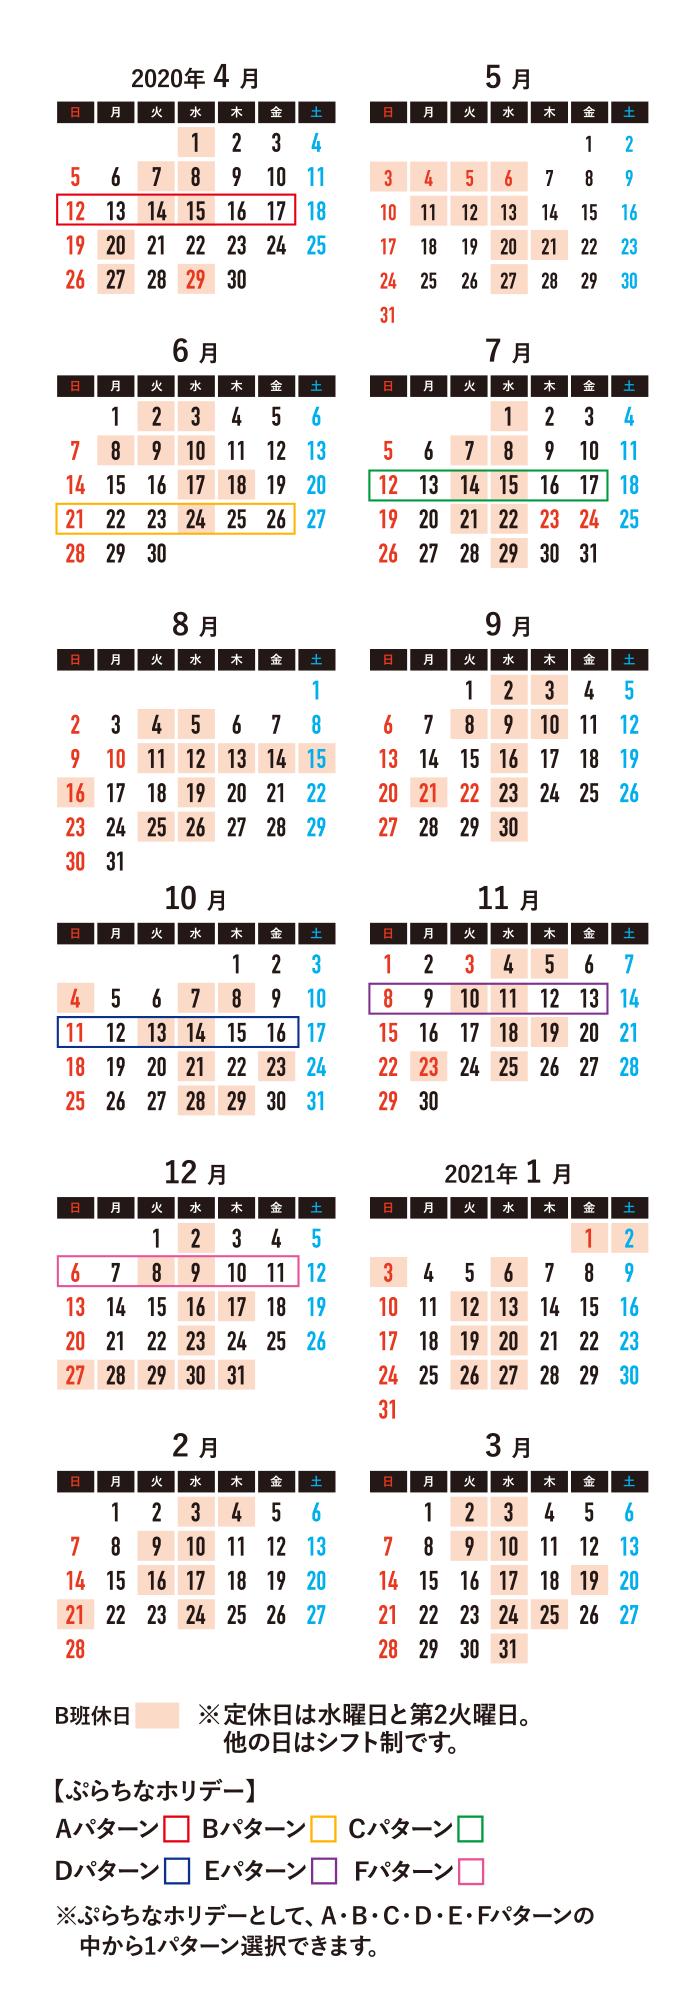 トヨタ カレンダー 2020 【新車情報カレンダー 2021~2022年】新型車デビュー・フルモデルチェンジ予想&リーク&スクープ